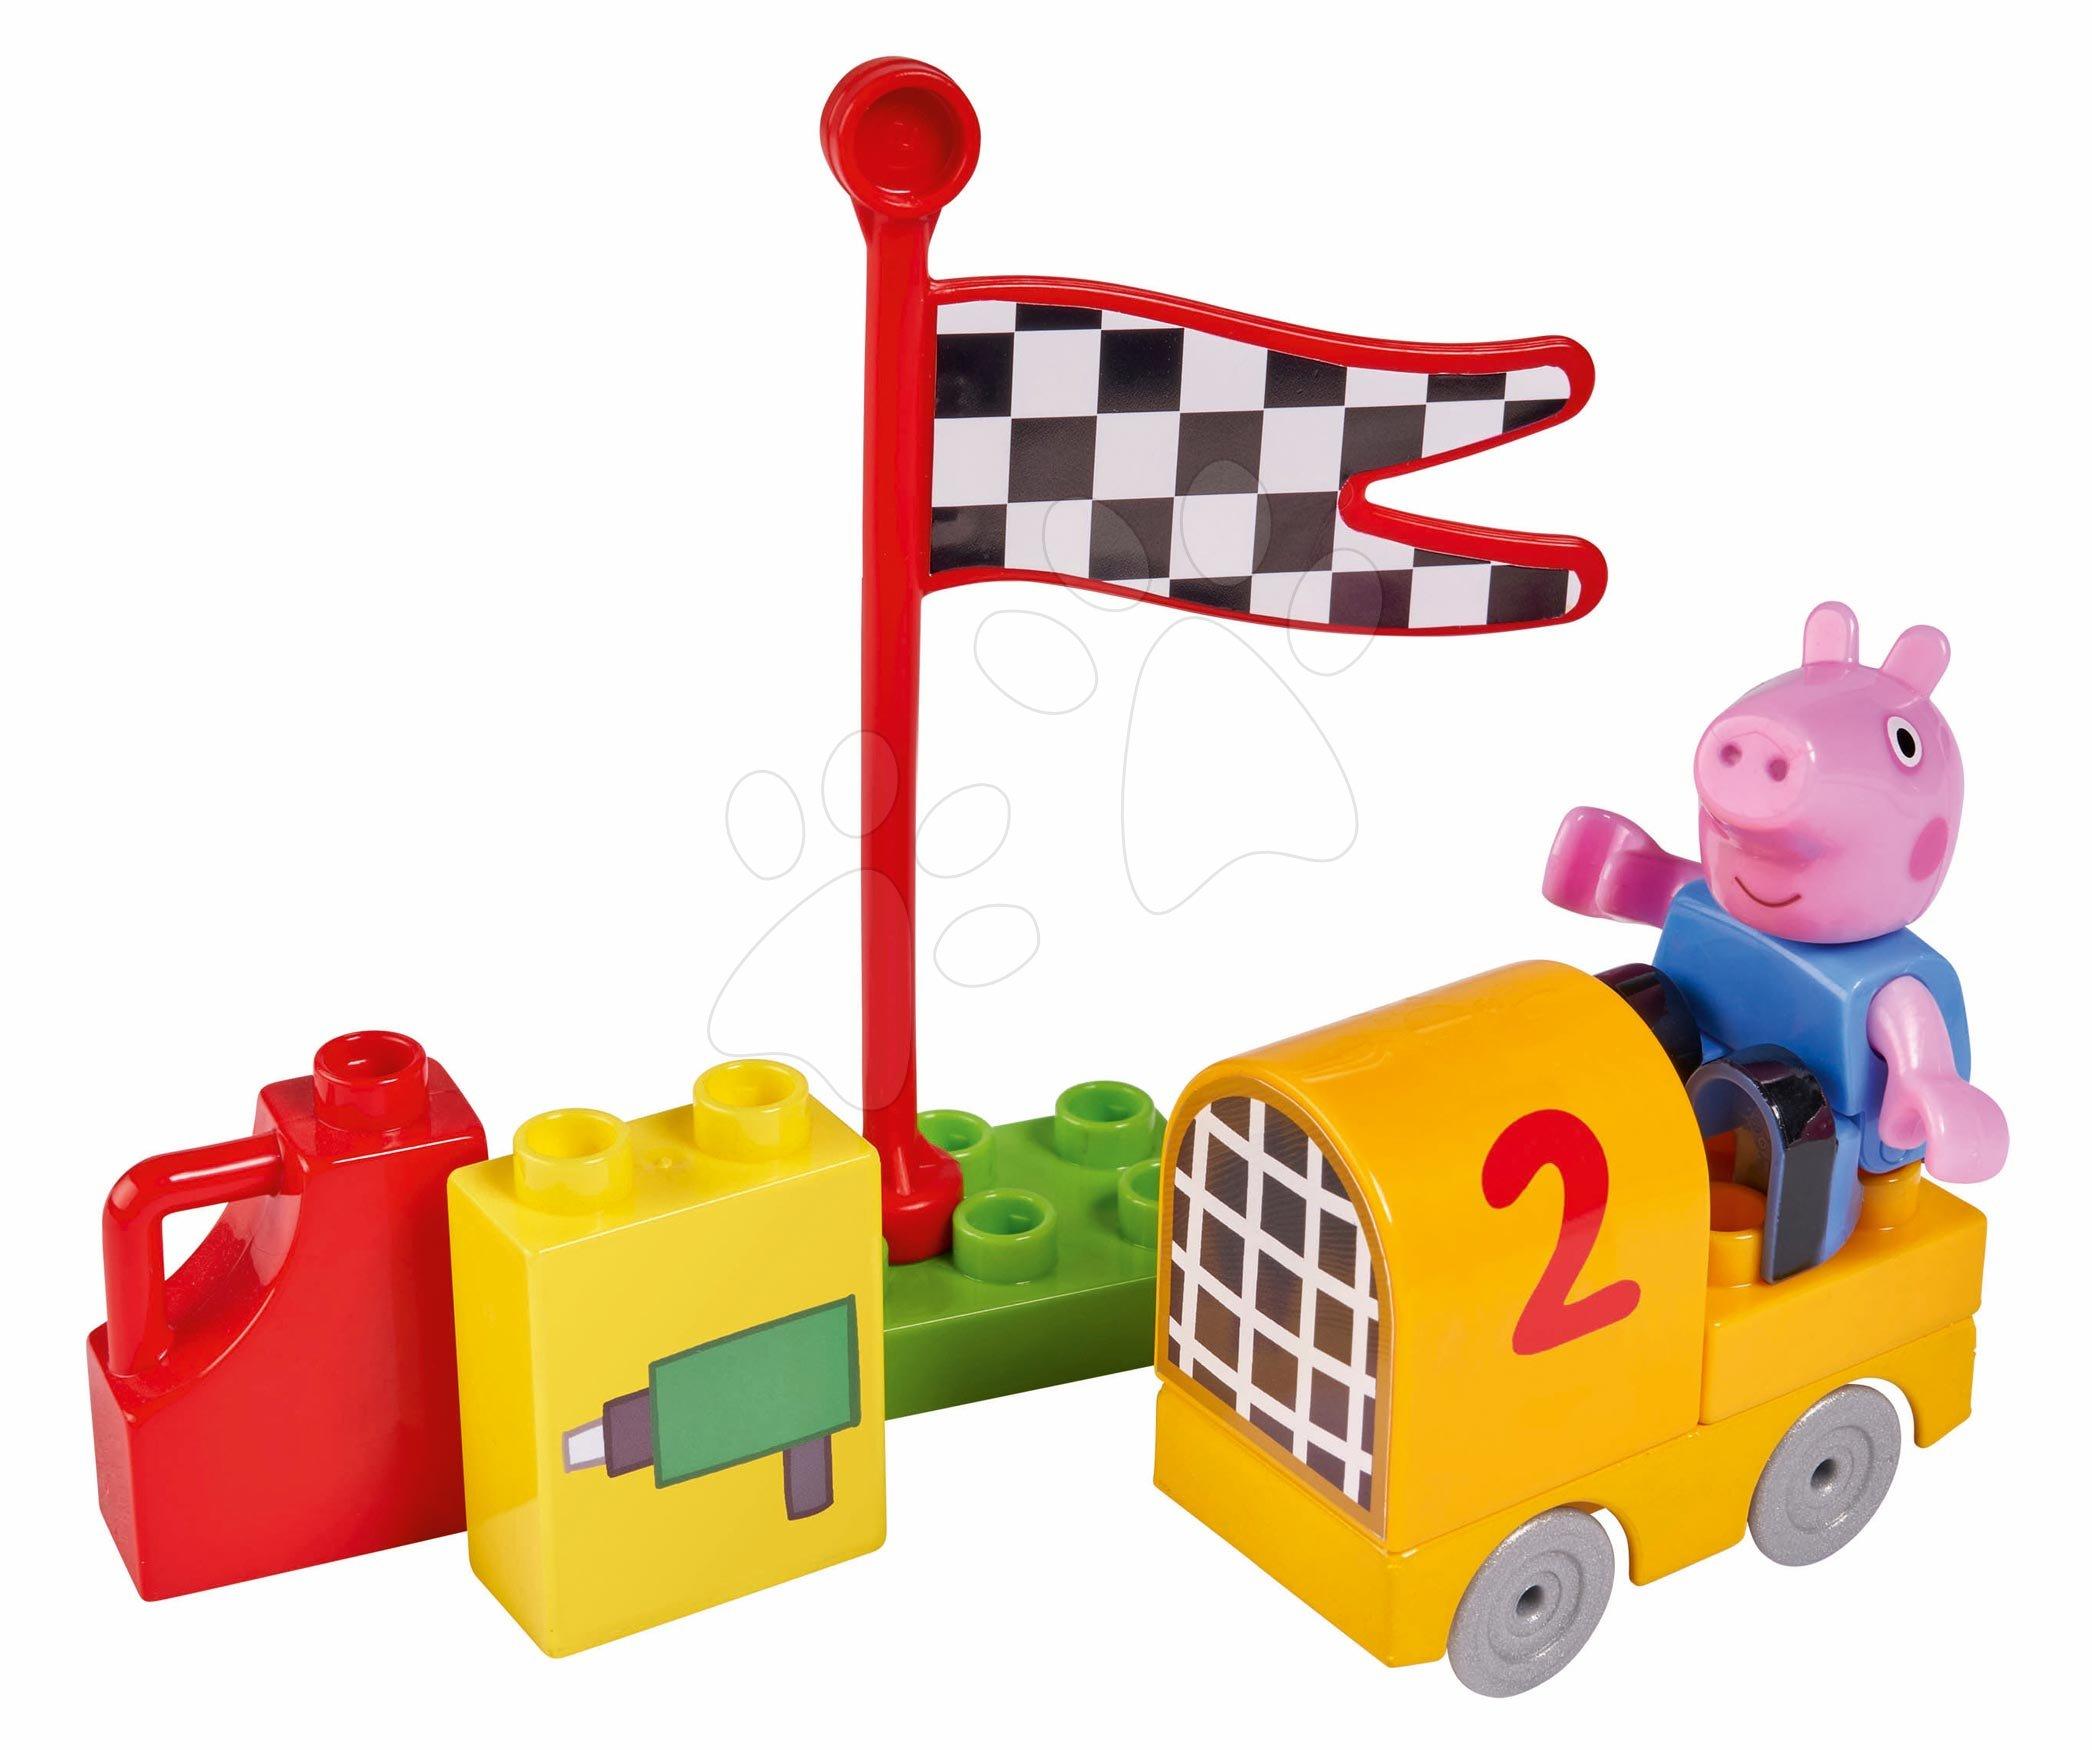 Stavebnica Peppa Pig Starter Sets PlayBIG Bloxx s figúrkou v aute od 18 mes